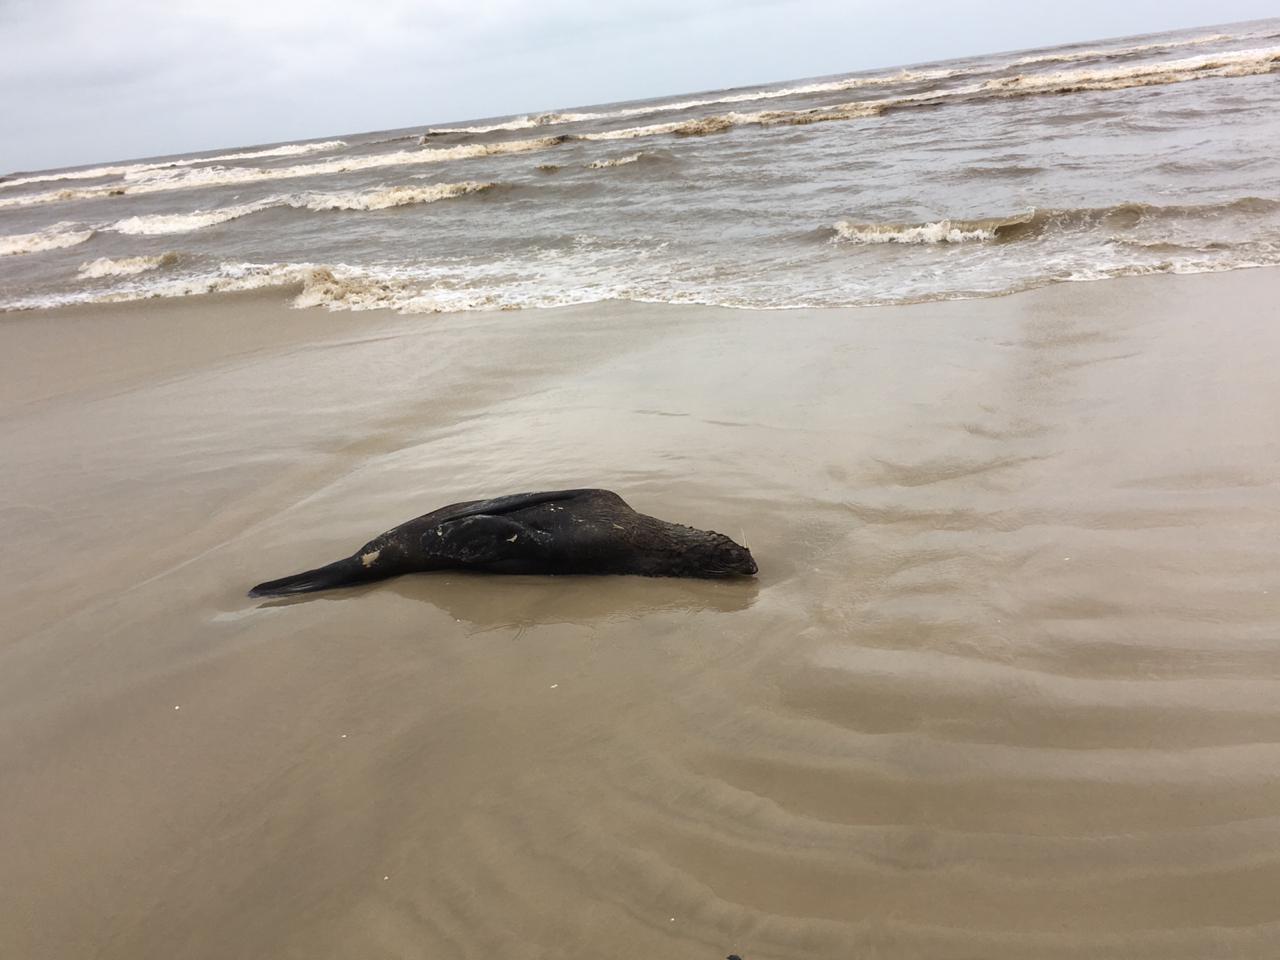 Lobos-marinhos, tartarugas e pinguins são encontrados mortos durante patrulhamento no litoral do RS - Notícias - Plantão Diário